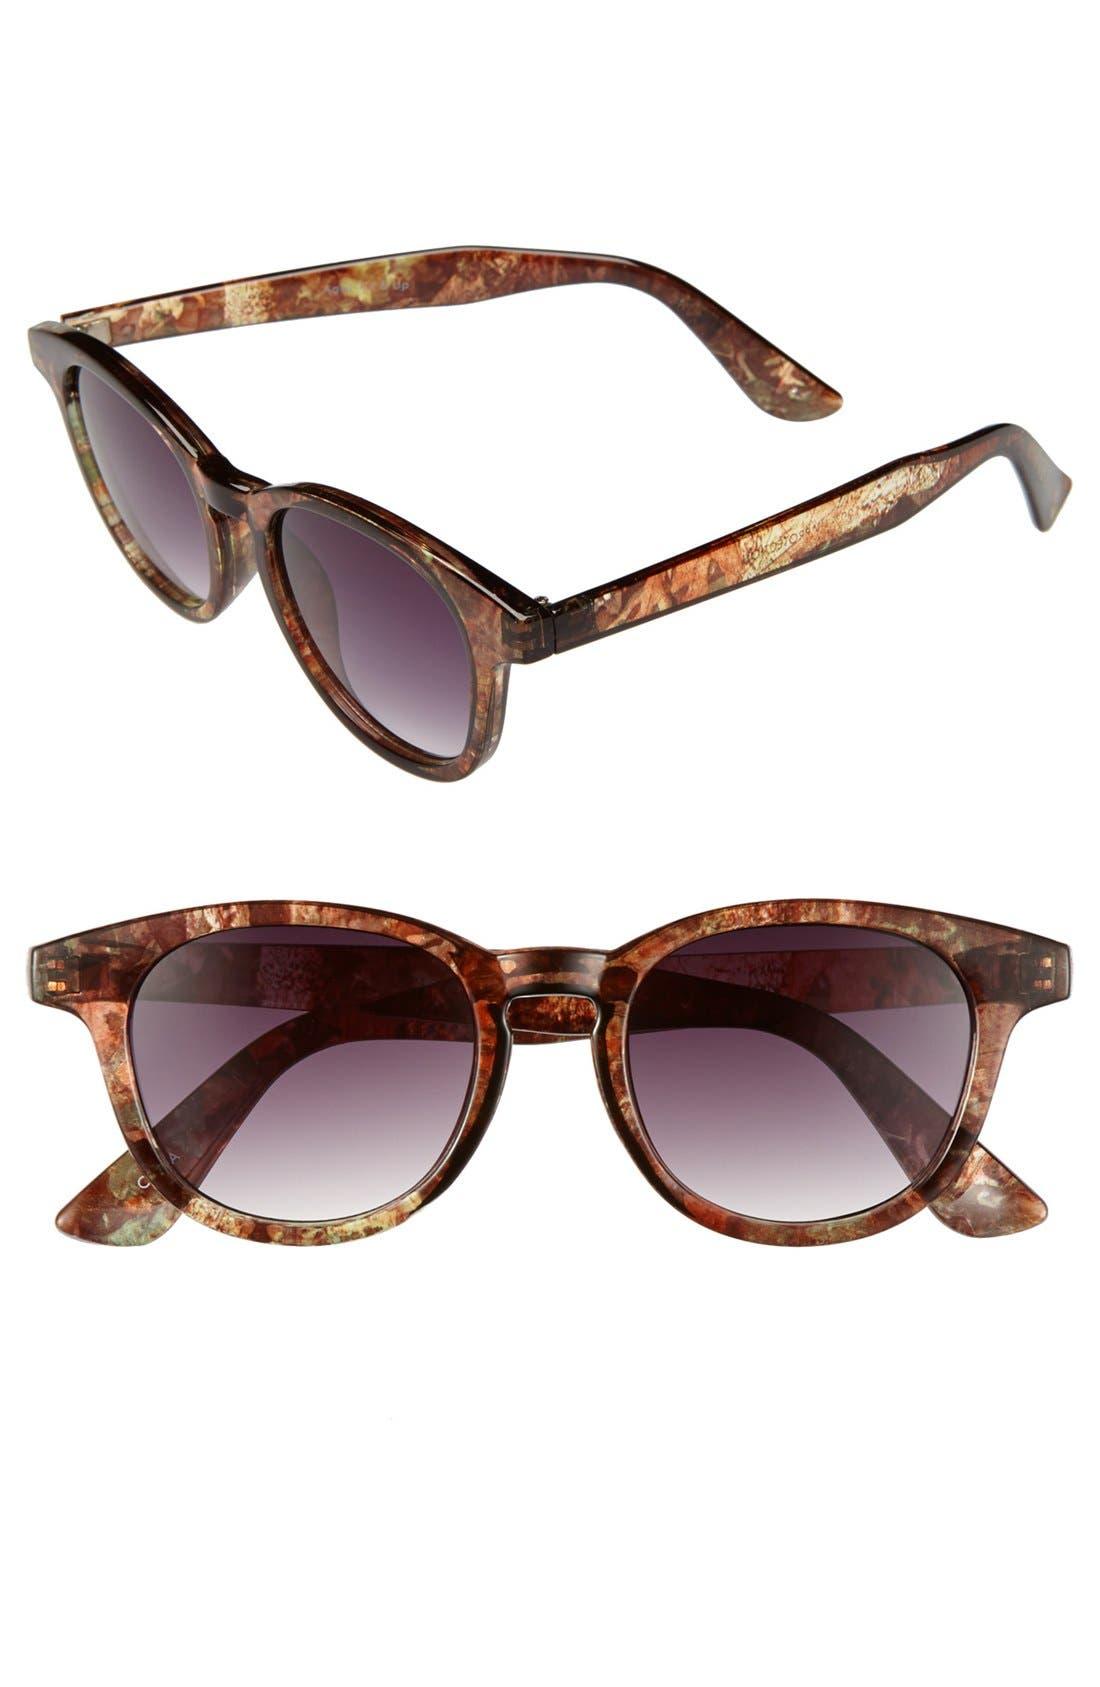 Alternate Image 1 Selected - FE NY 'Dartmouth' Sunglasses